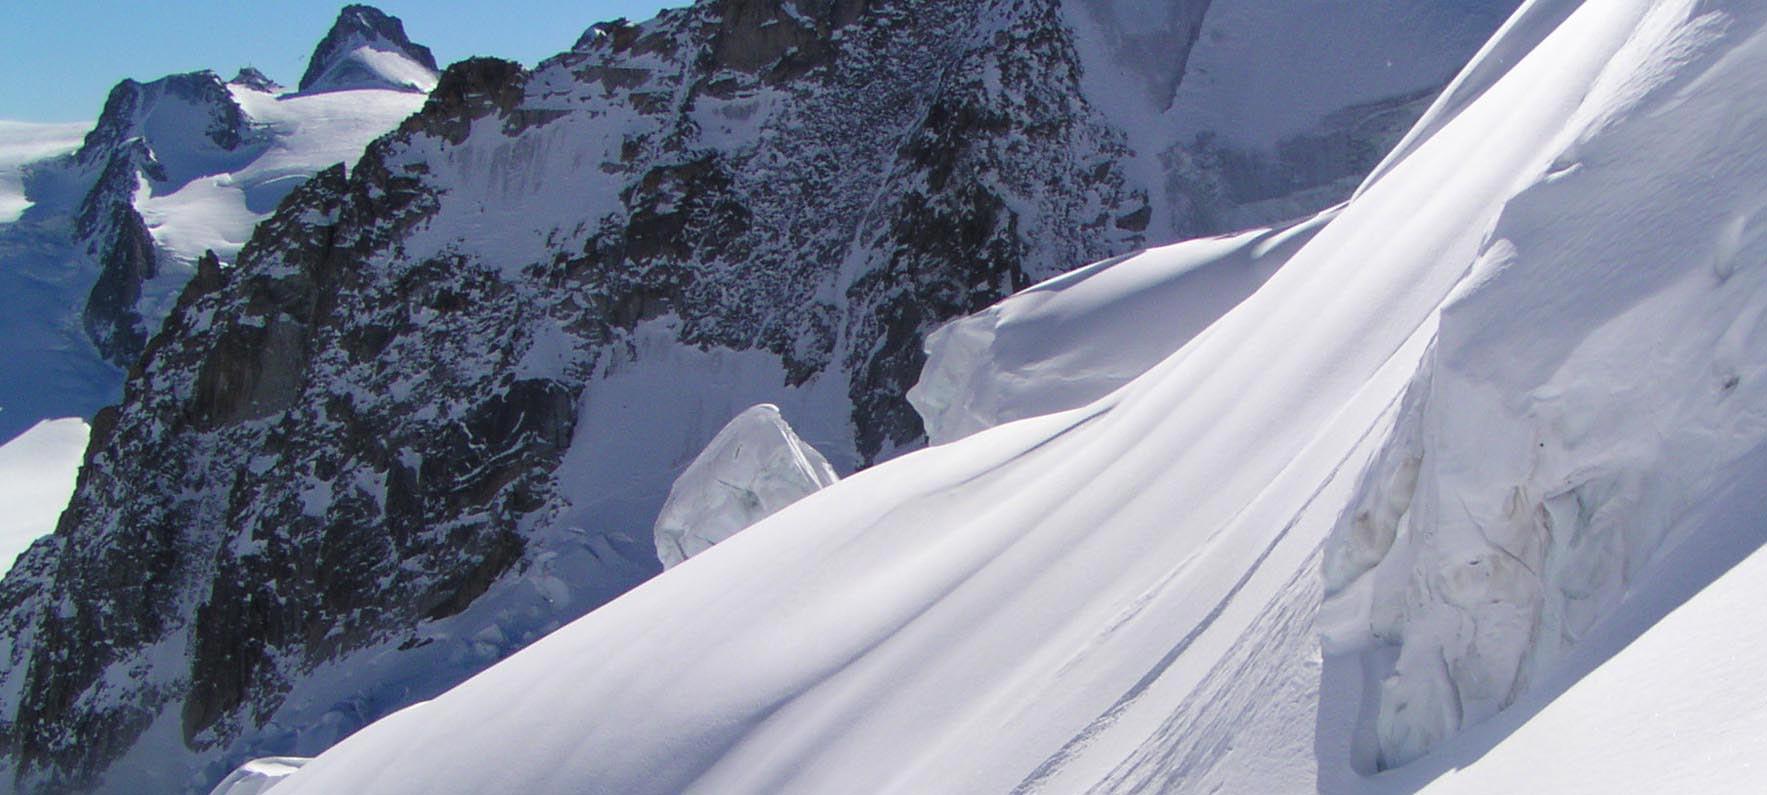 Le Ski à Chamonix